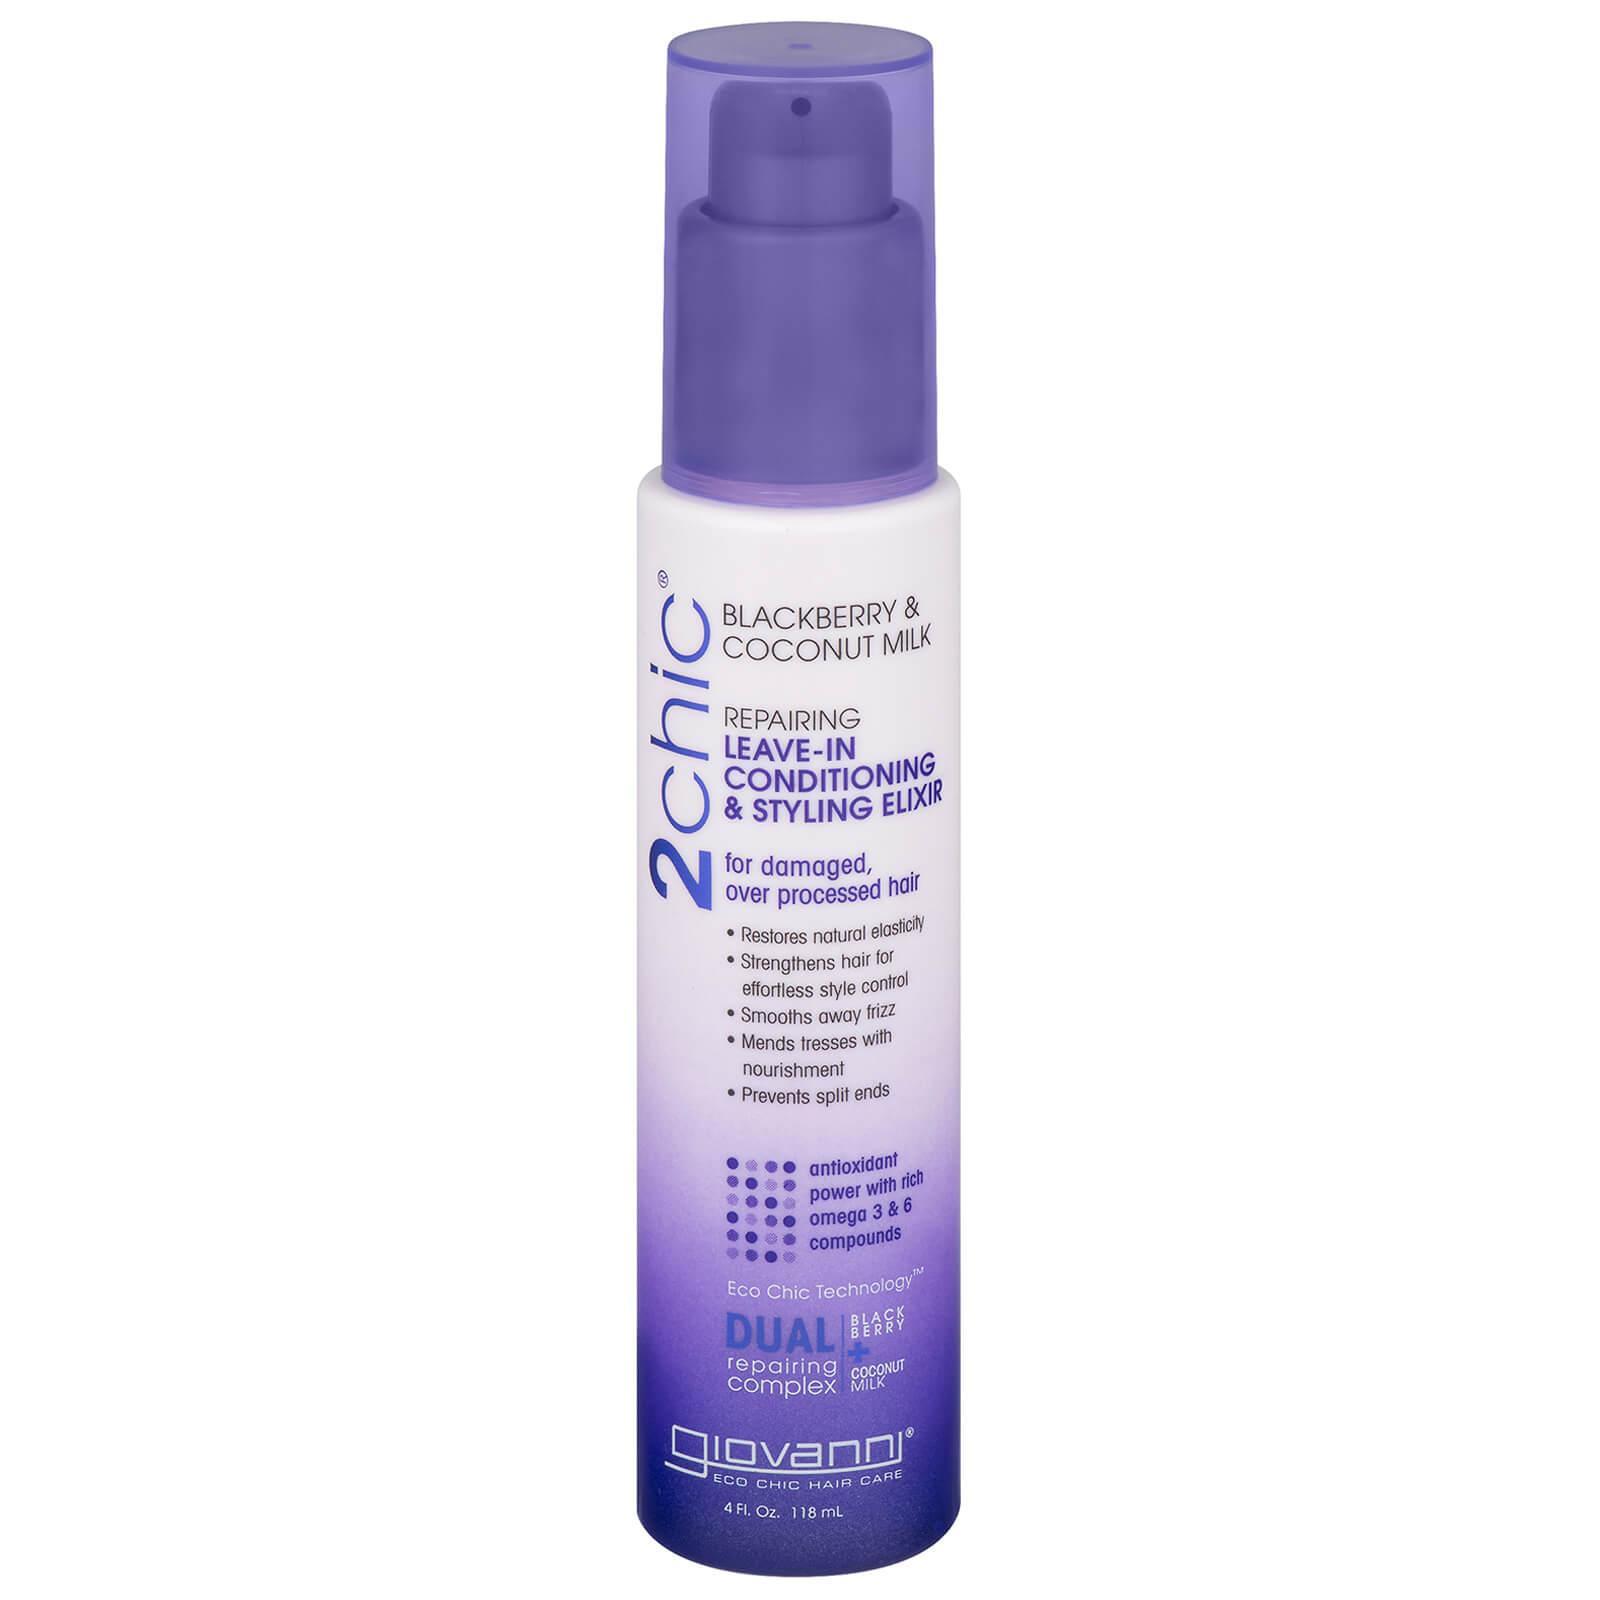 Купить Восстанавливающий эликсир для поврежденных волос Giovanni 2chic Repairing Leave In Conditioning & Styling Elixir 118 мл